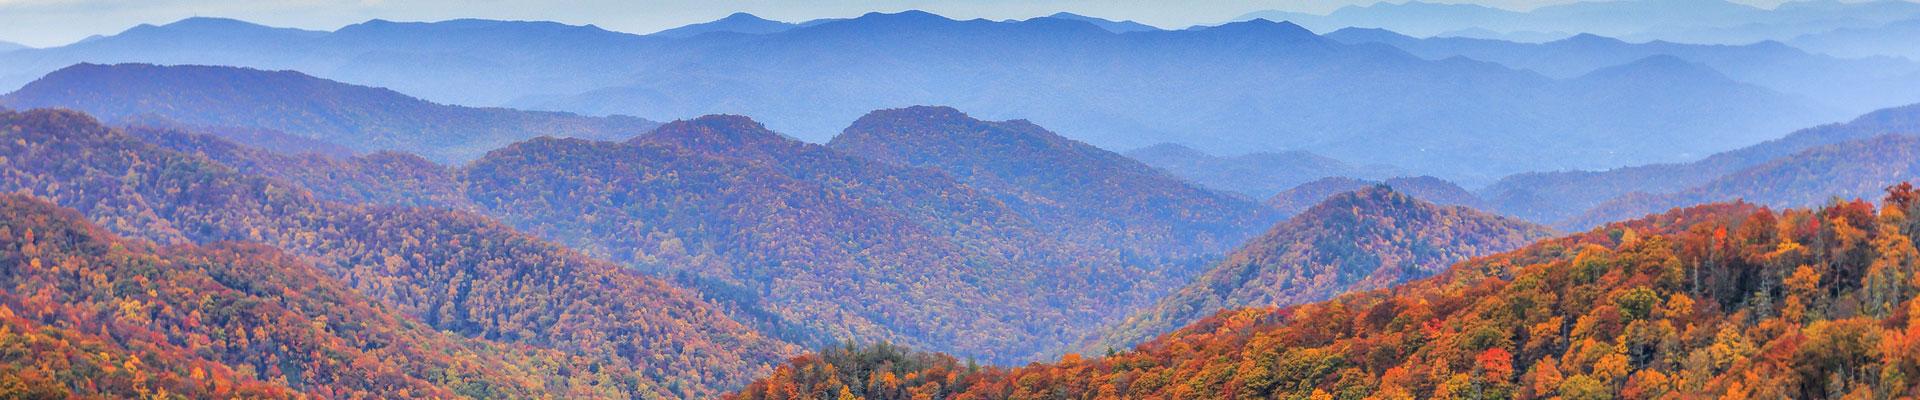 Fantasy RV Tours: 7 Day Smoky Mountain Rally (07USMW-100222)